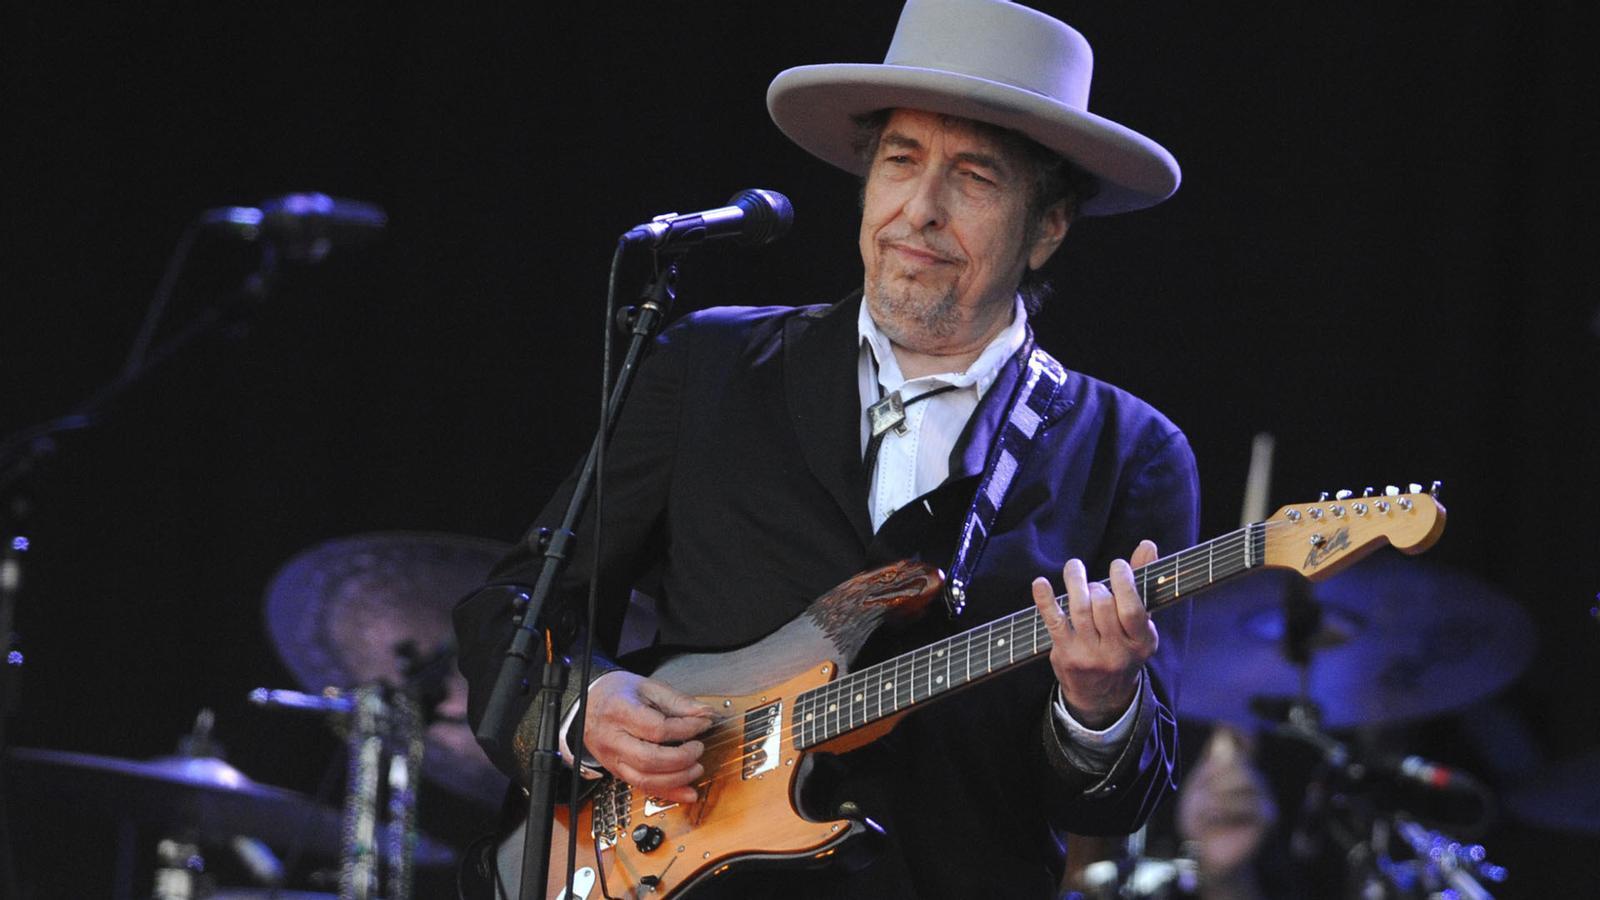 Probable condemna a Trapero per desobediència, rebrot a Pequín i entrevista a Bob Dylan: les claus del dia, amb Antoni Bassas (16/06/2020)